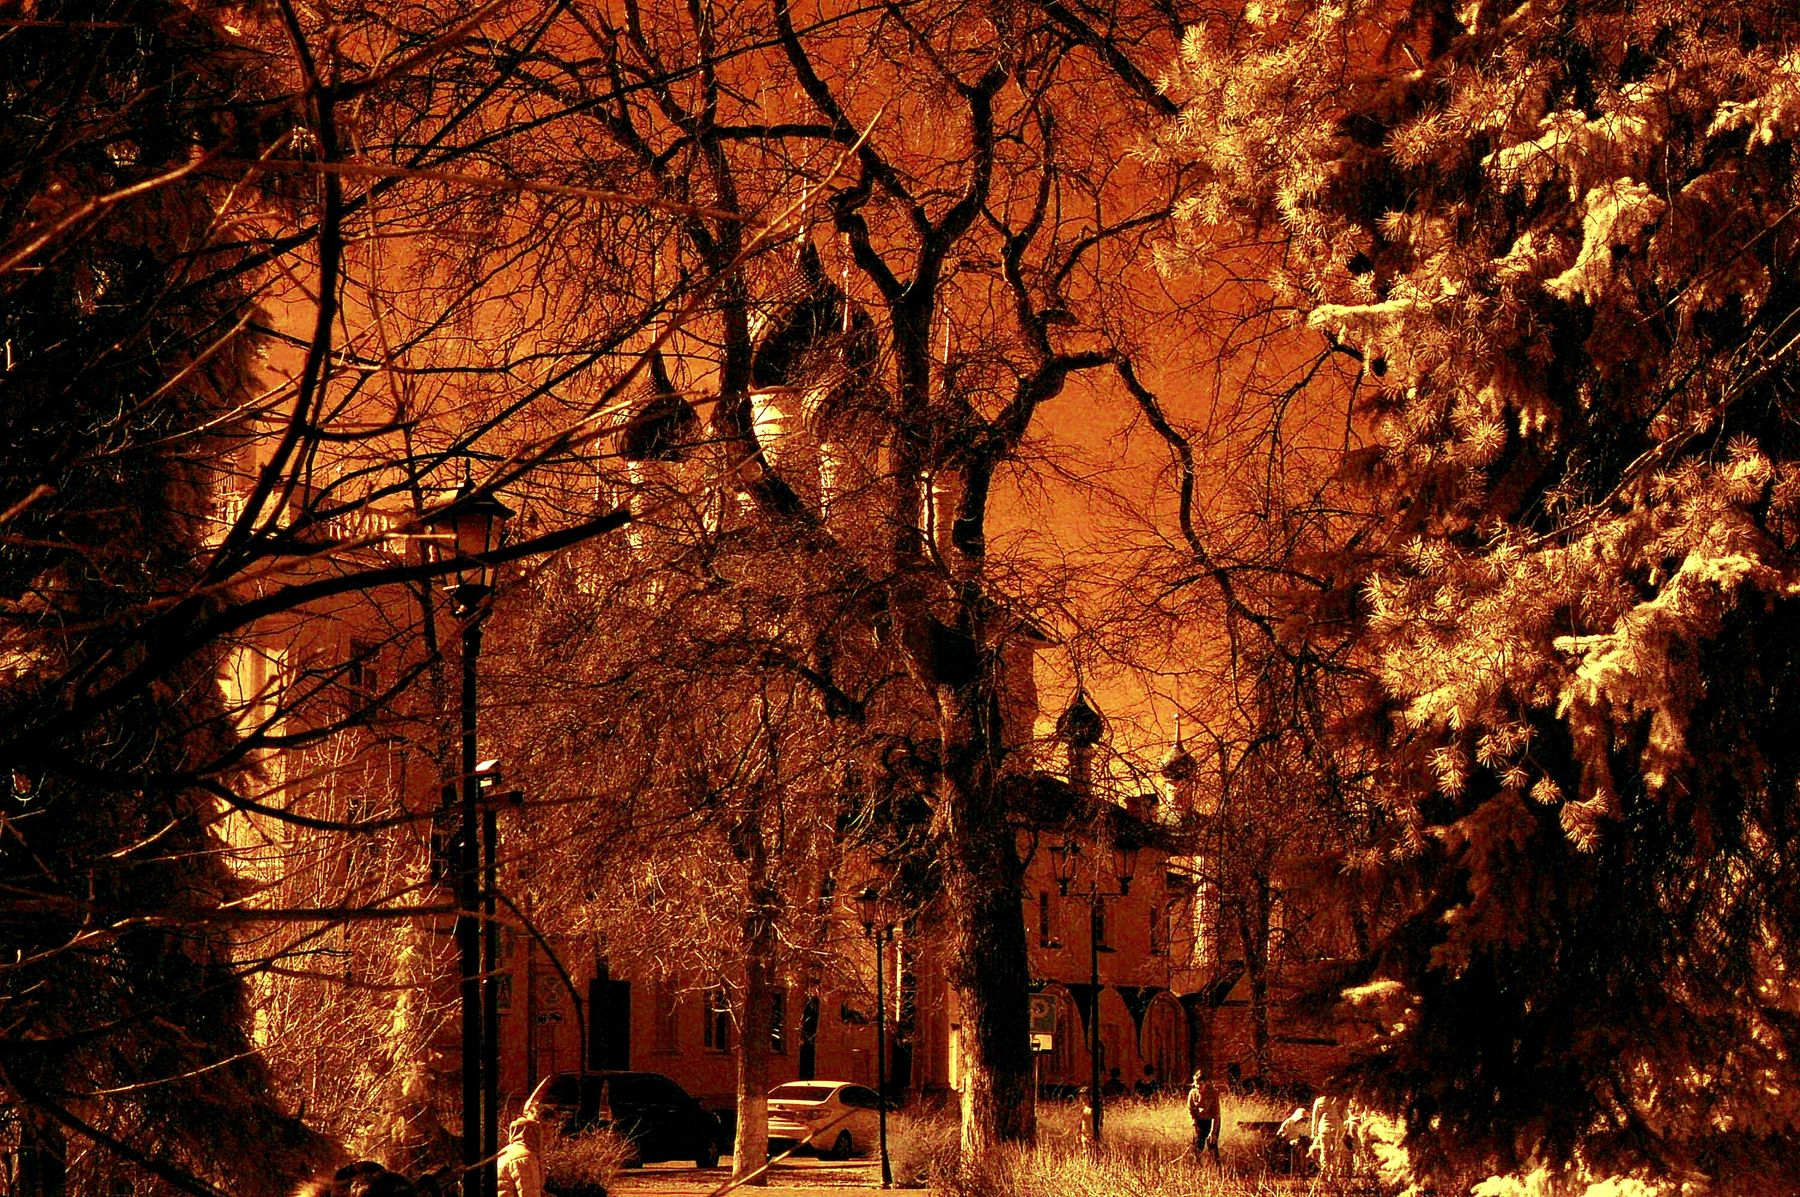 Апрель.. Монастырь. Центр. г Ярославль.Р.Ф.2021г.г. от Р.Х. Инфракрасная,чёрно-белая,монохромная, фотография. (infrared imaging) Инфракрасная чёрно-белая монохромная фотография infrared imaging